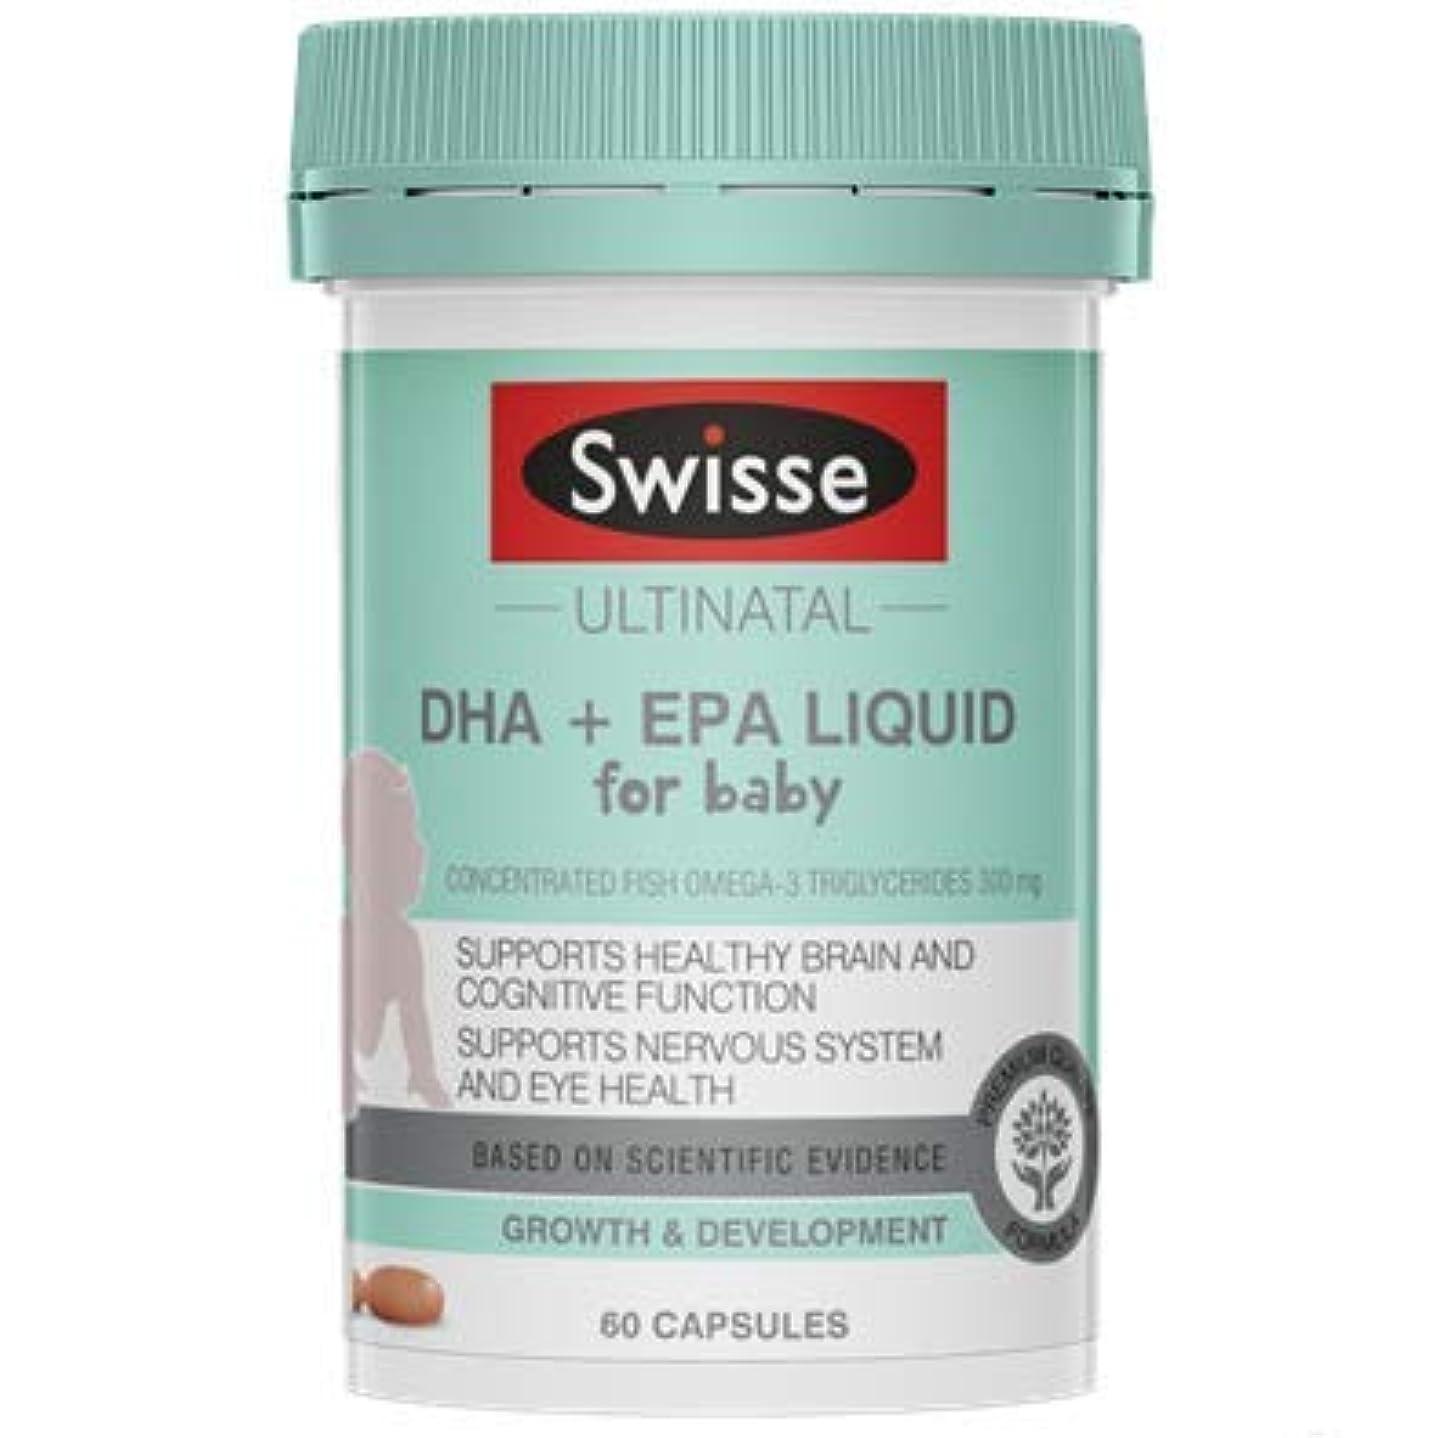 雇用者スクラッチ補正Swisse Ultinatal DHA + EPA 液体 赤ちゃん用 60カプセル [豪州直送品] [並行輸入品]